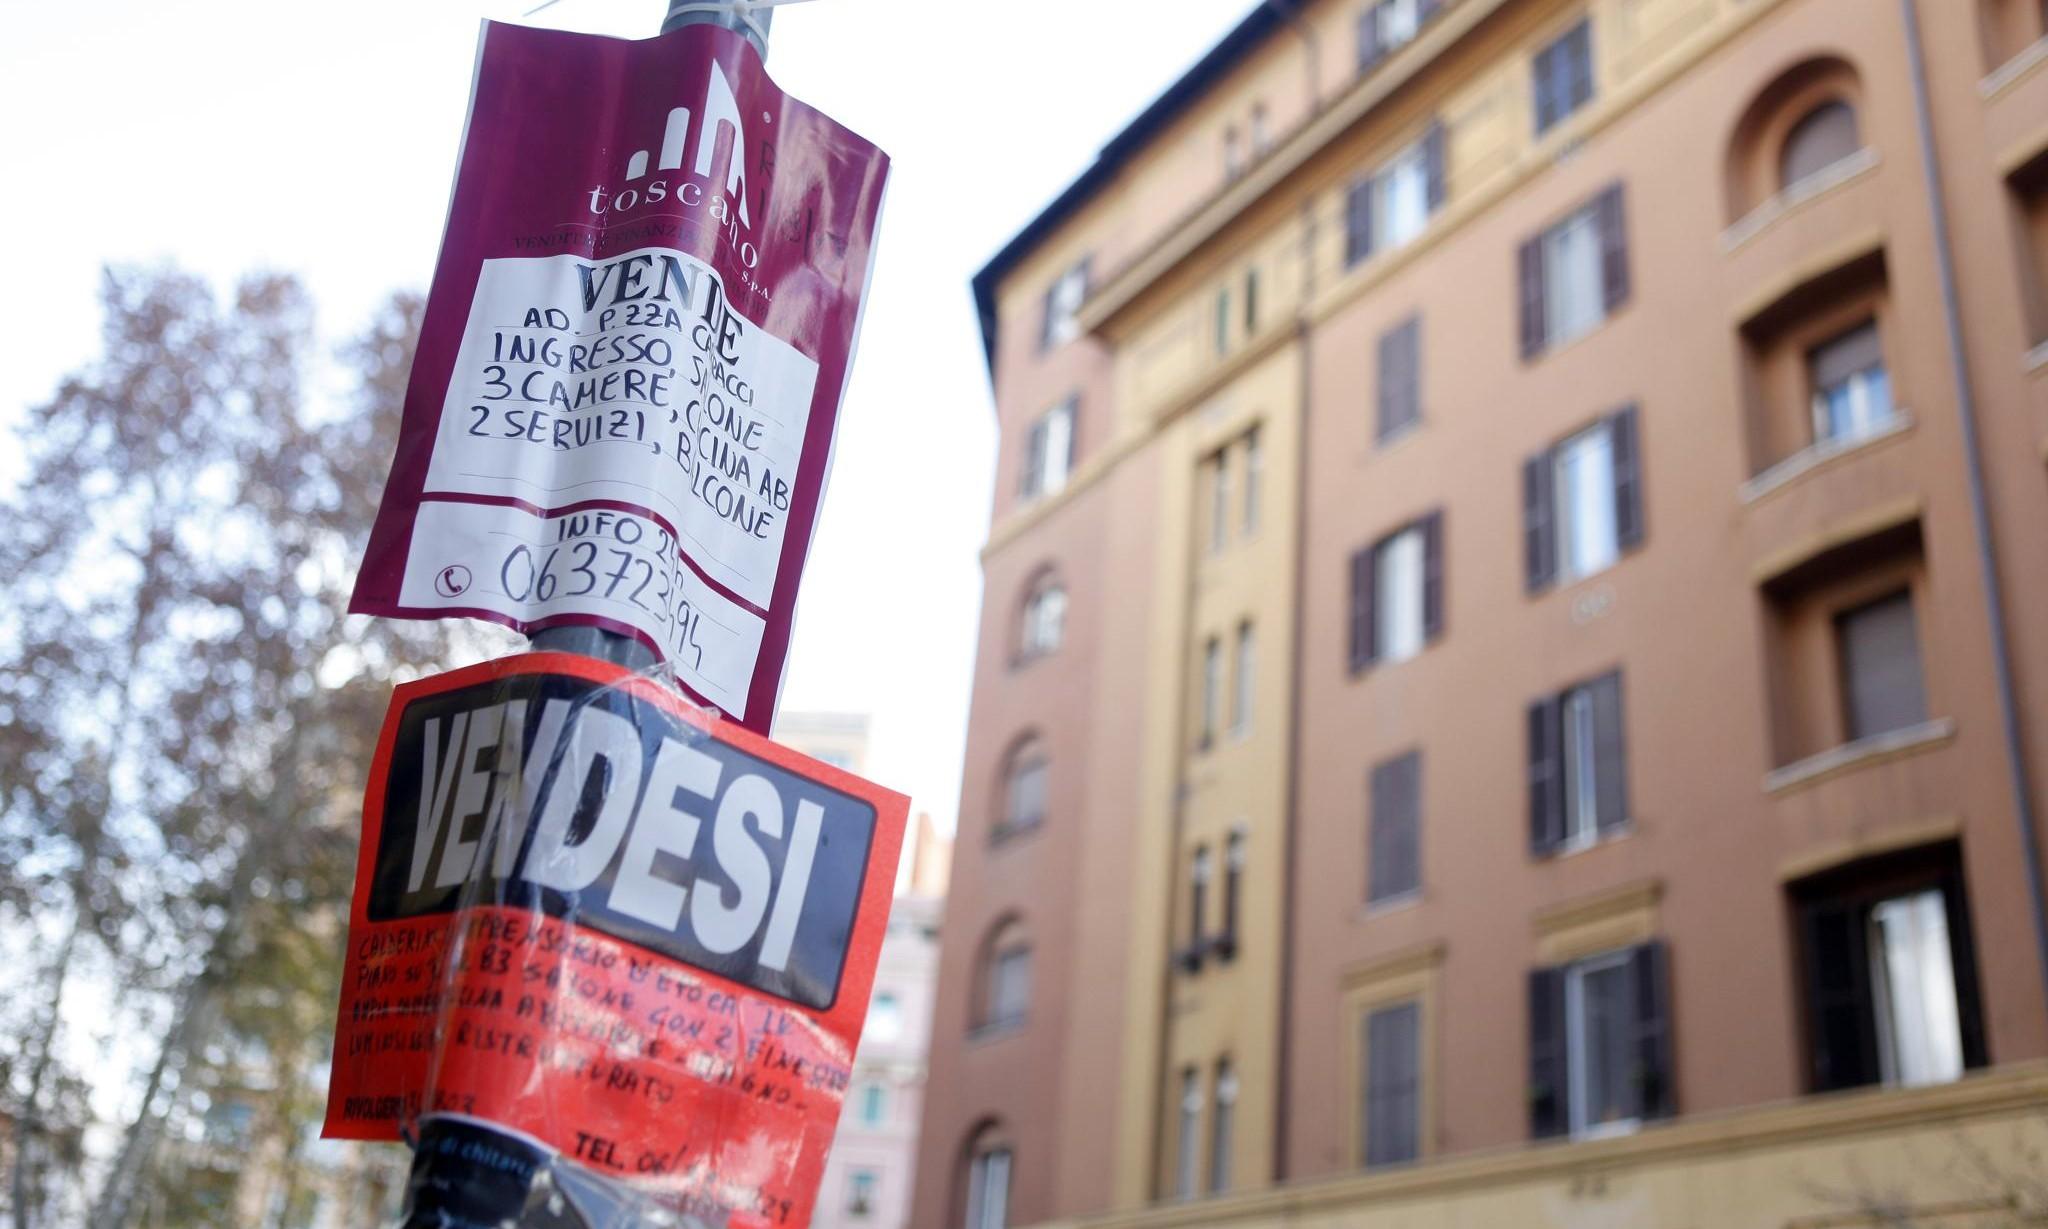 Una possibile via d'uscita per il mercato immobiliare in crisi